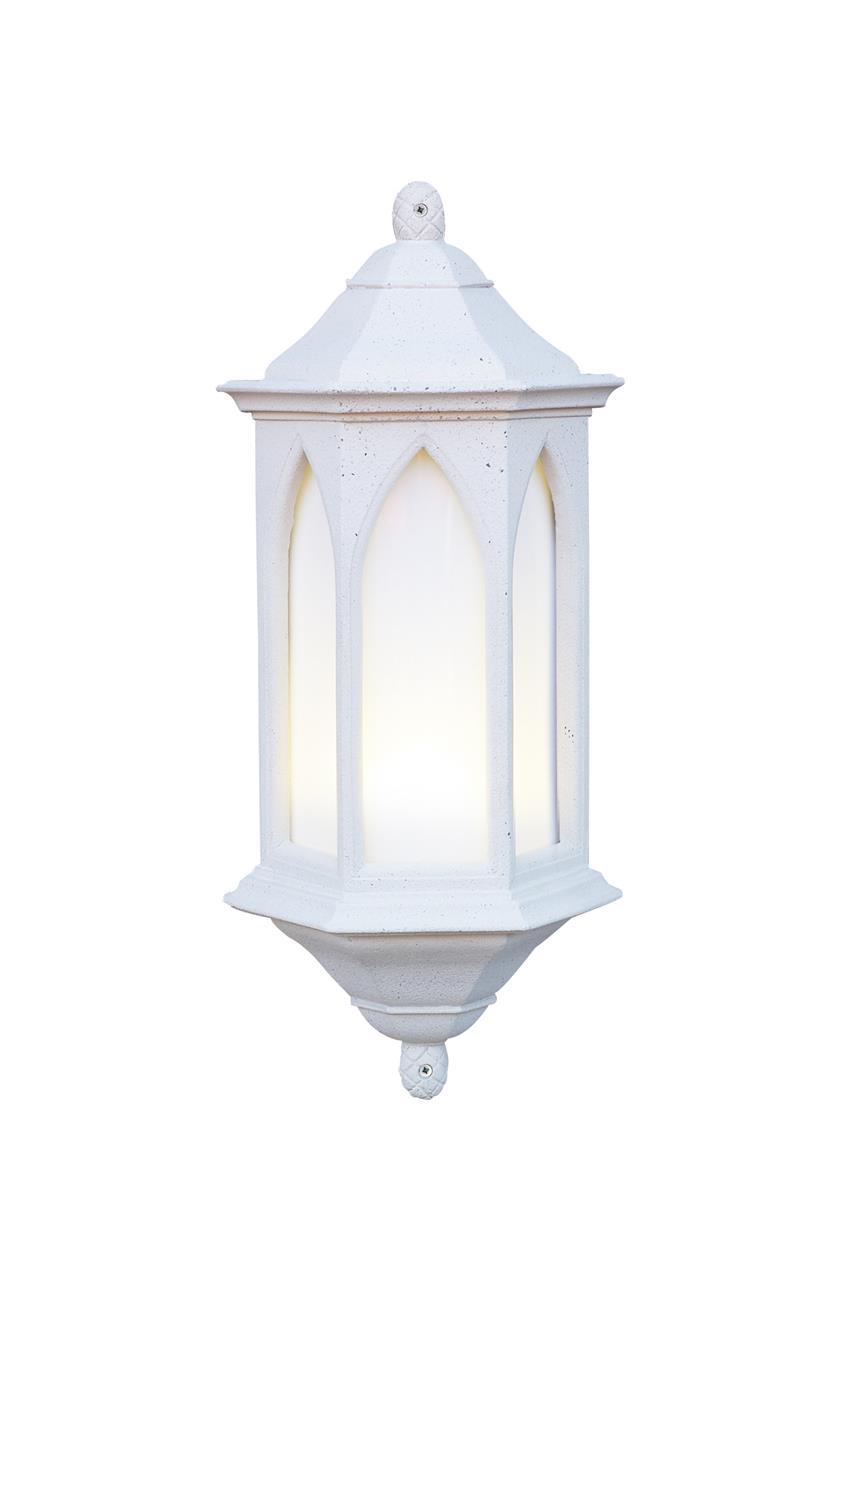 David Hunt Lighting YOR34/LE York utdoor Half Lantern in Stone